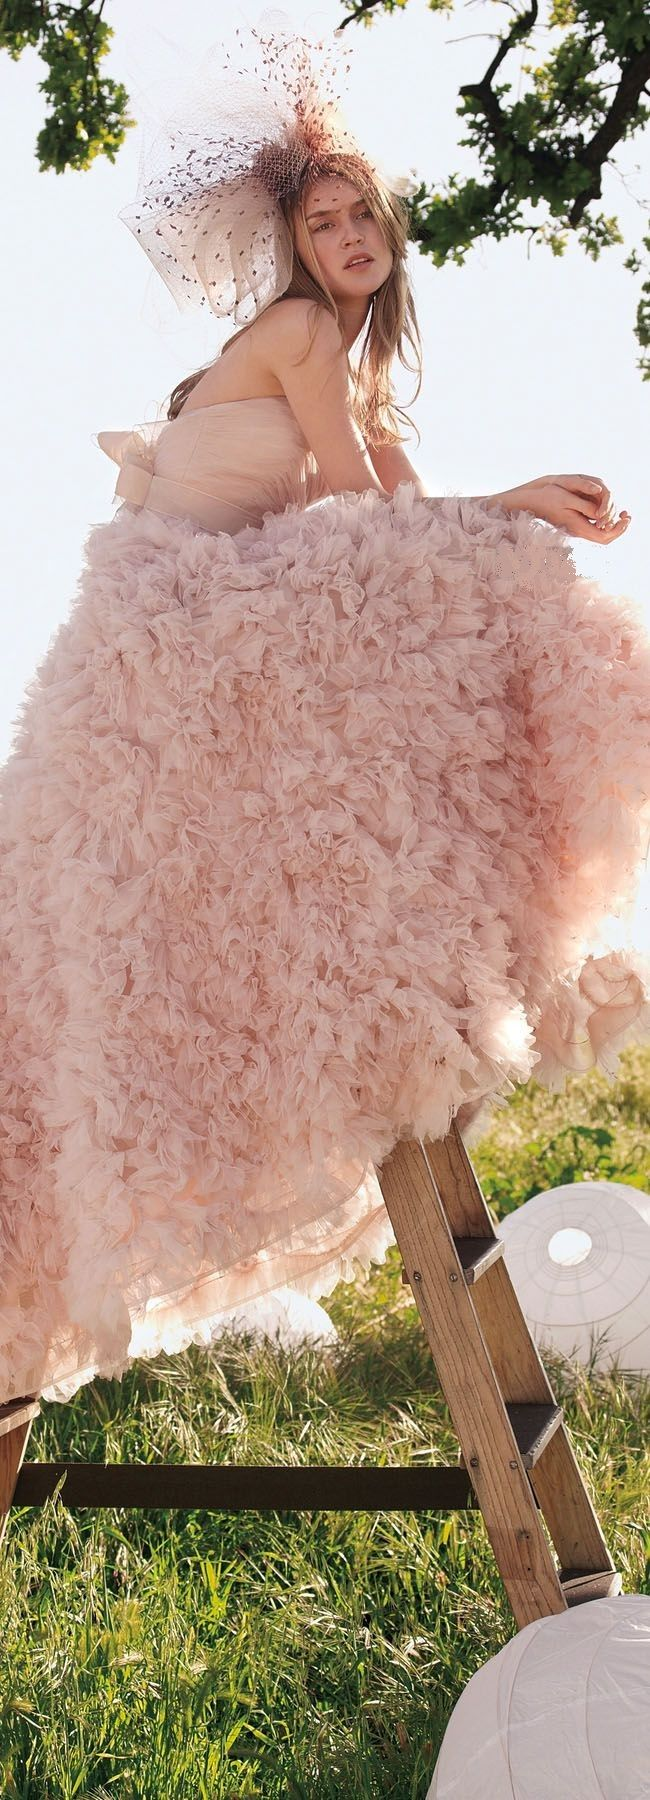 Pin de Carolina Hoyos Arenas en Bow love | Pinterest | Vestidos de ...